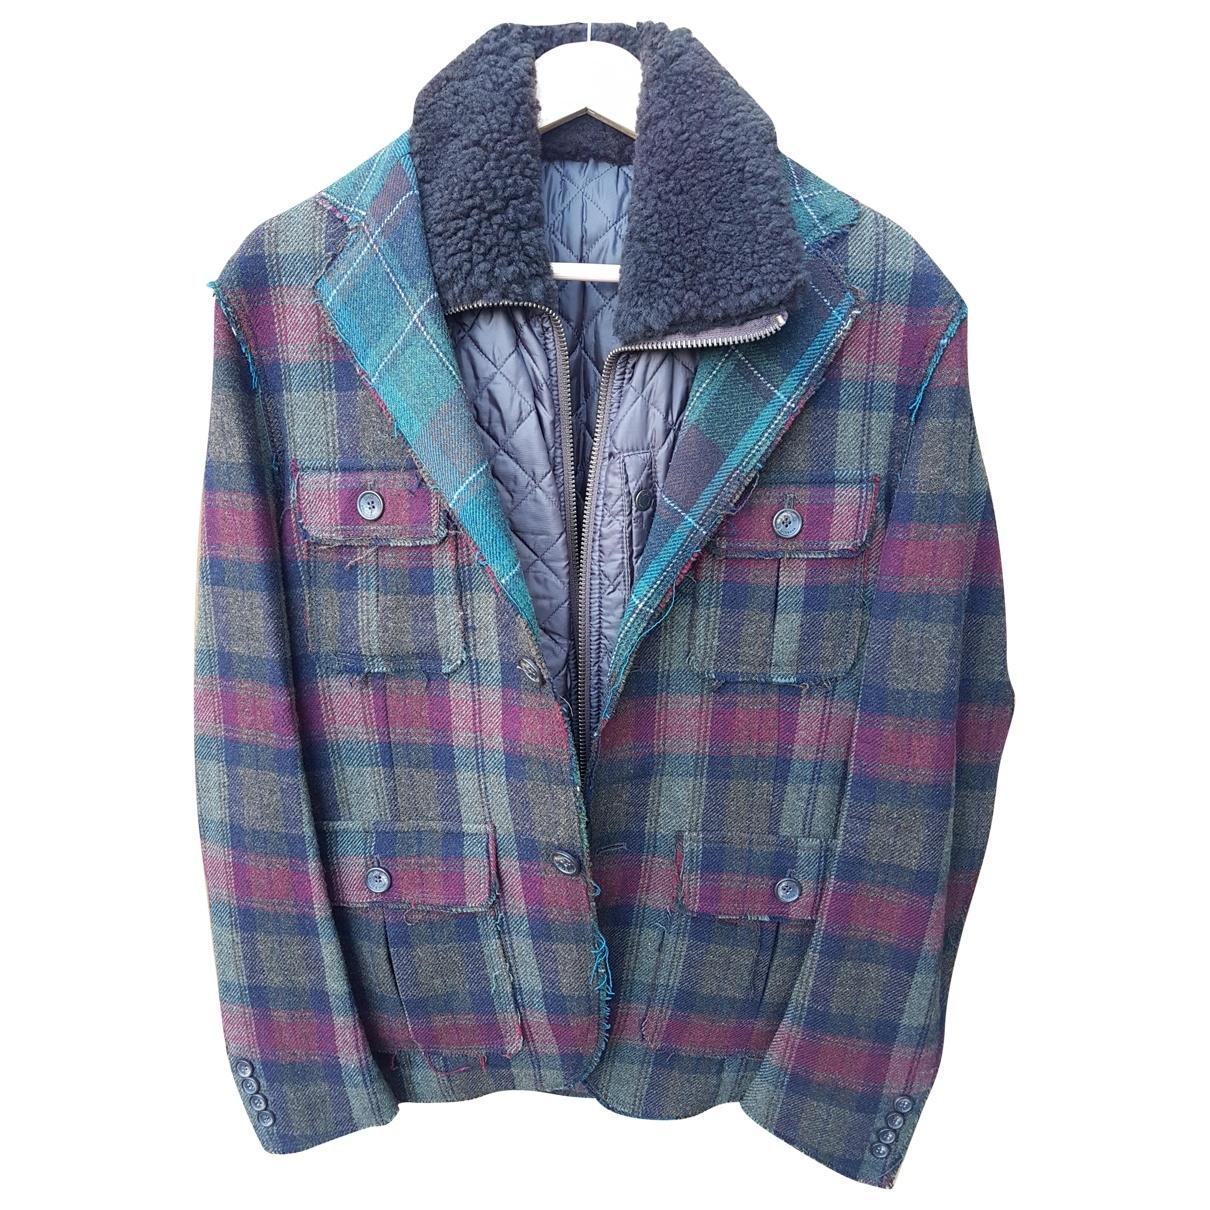 D&g - Vestes.Blousons   pour homme en laine - multicolore